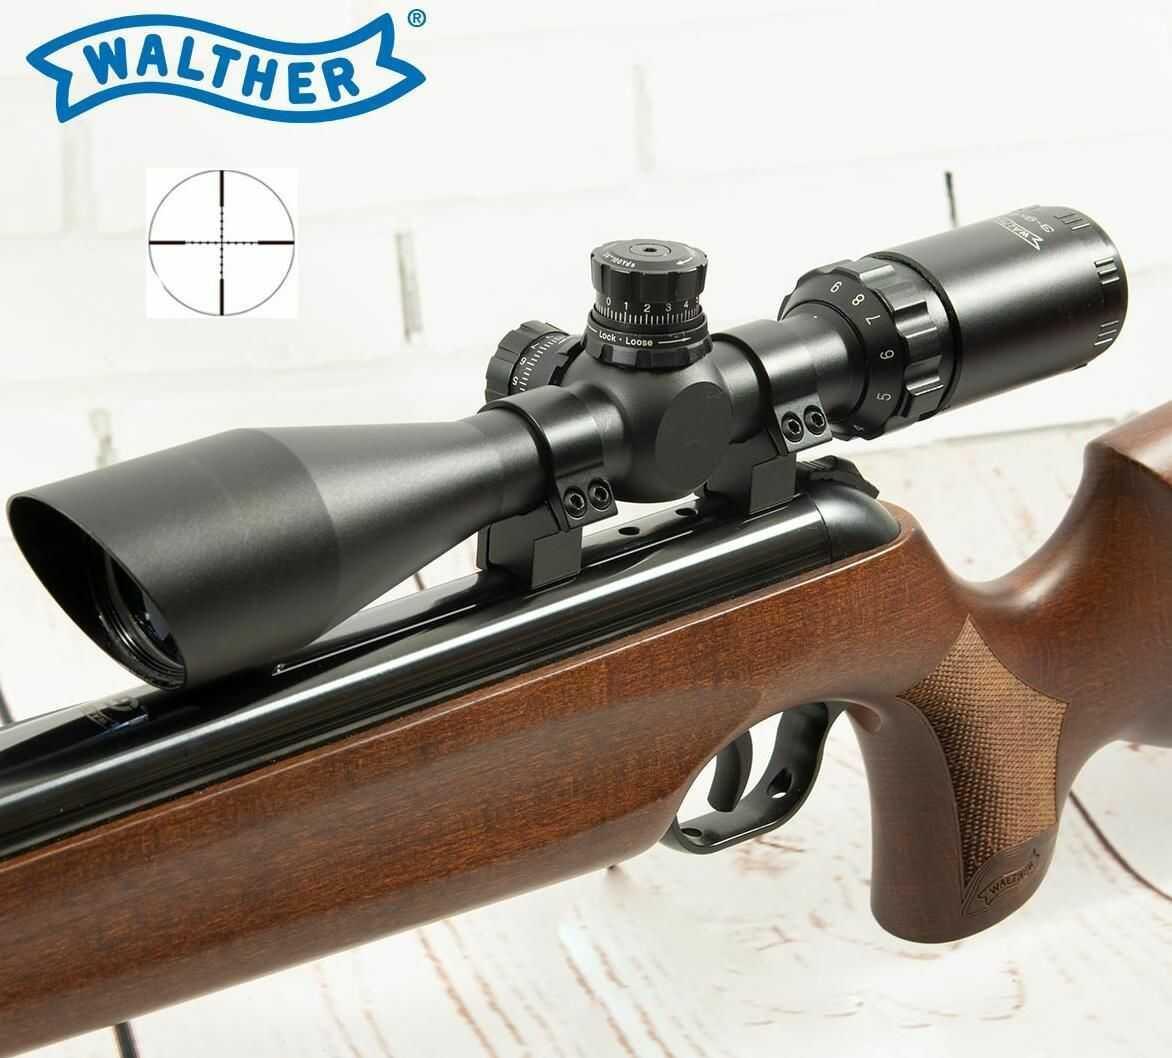 Profesjonalna Luneta Celownicza (do wiatrówek...) Walther 3-9x44 + Montaż + Nakładki na Obiektywy.